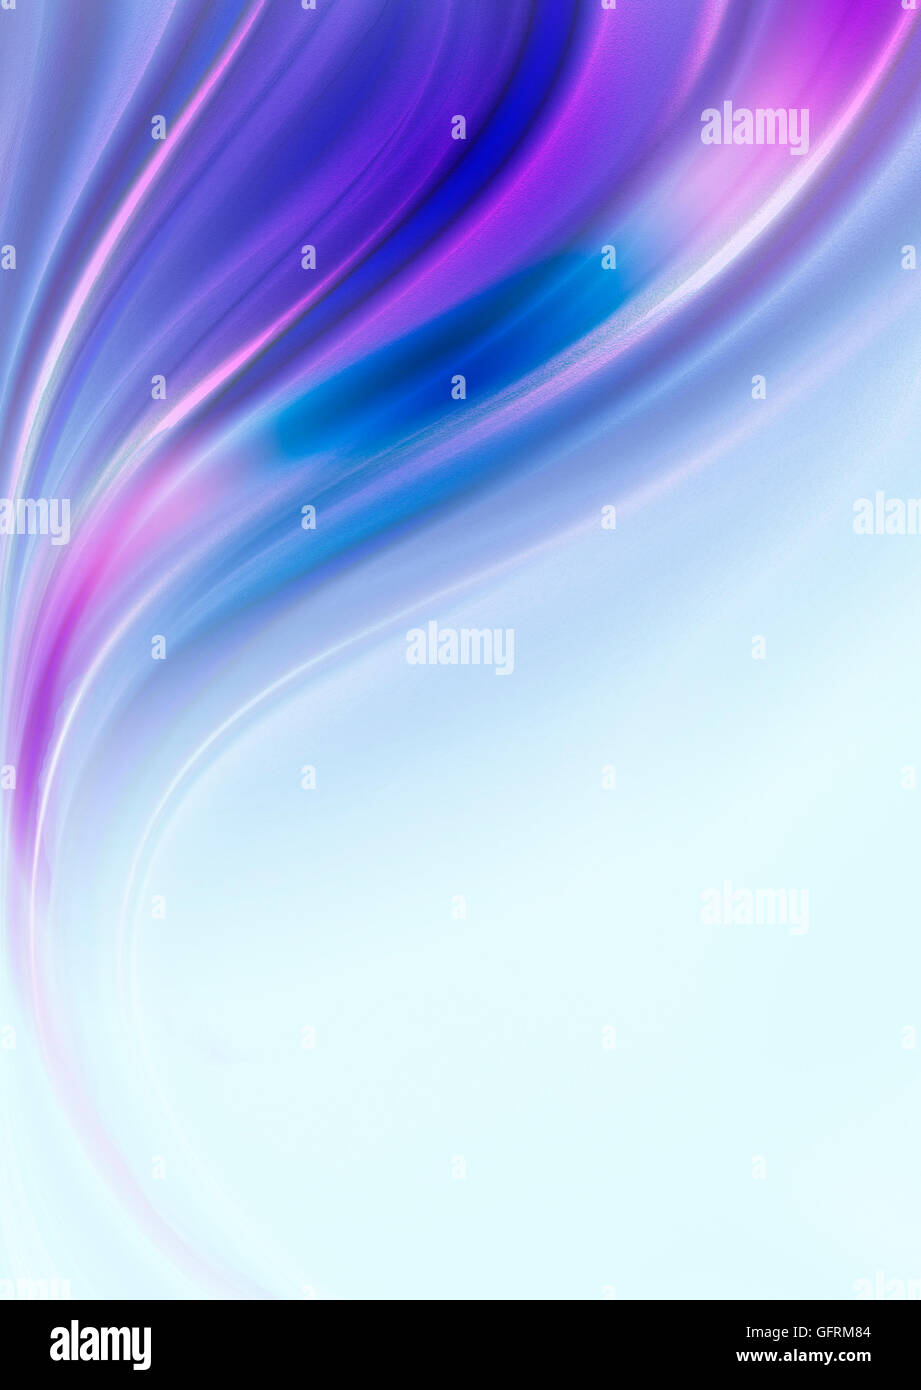 Sfondo Blu Dalla Caduta Onde Rosa E Sfumature Di Colore Viola Foto